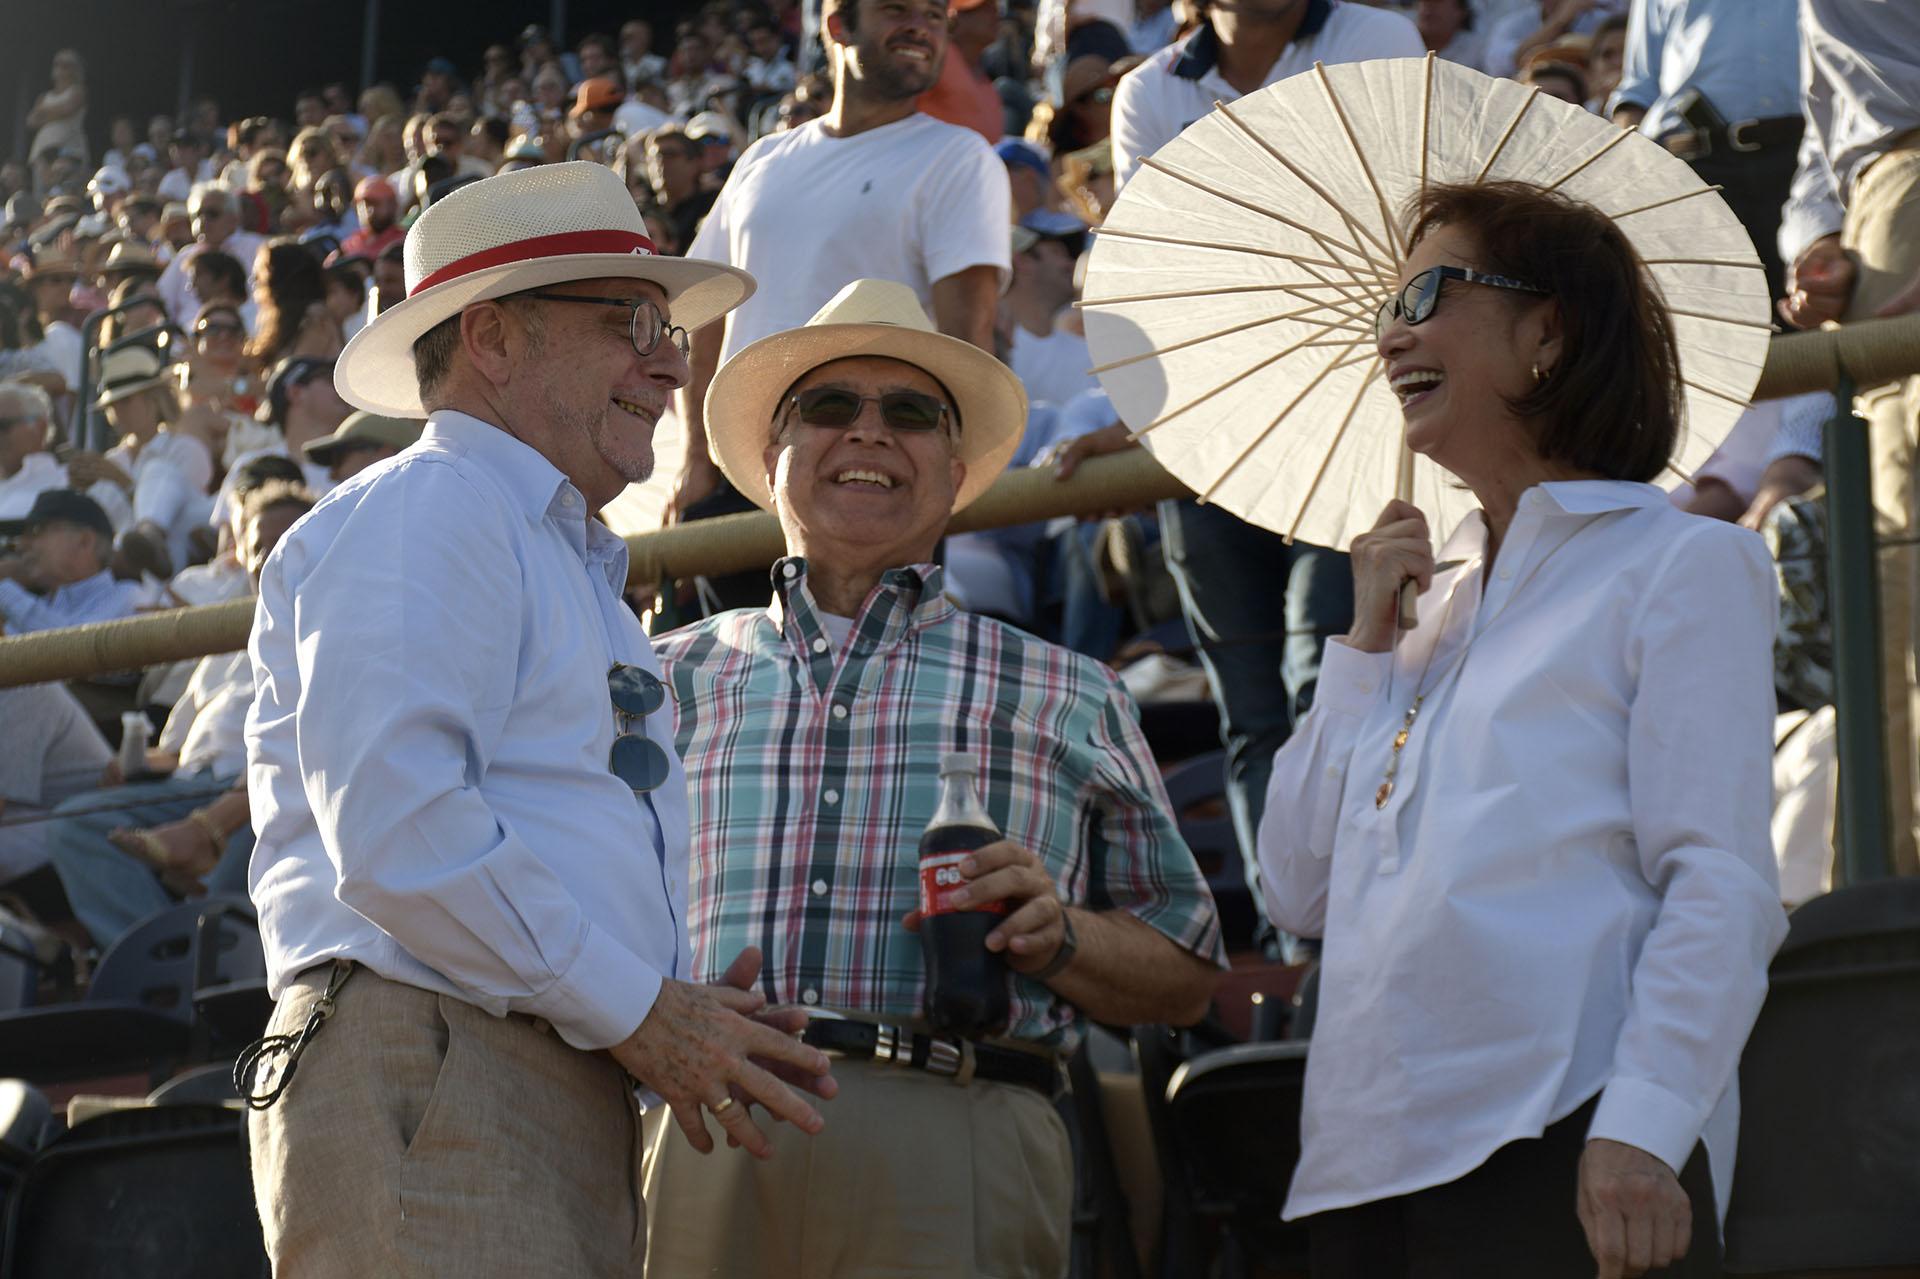 El canciller Jorge Faurie junto al embajador de los Estados Unidos en la Argentina, Edward C. Prado, y su mujer María